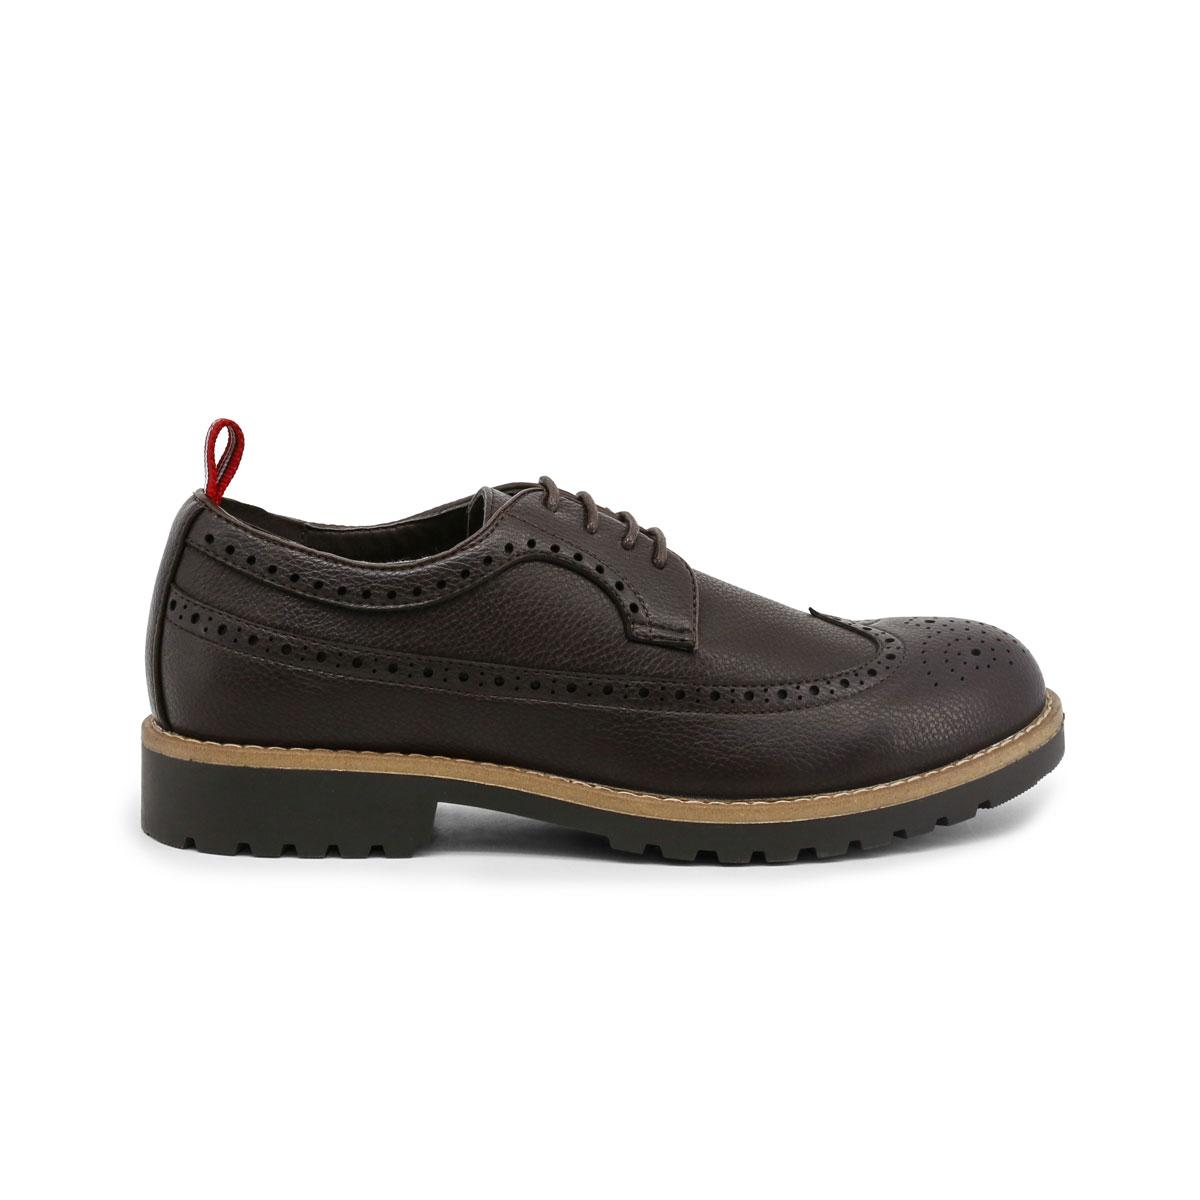 Scarpe-stringate-Duca-di-Morrone-BRADFORD-Uomo-Marrone-83688 miniatura 2